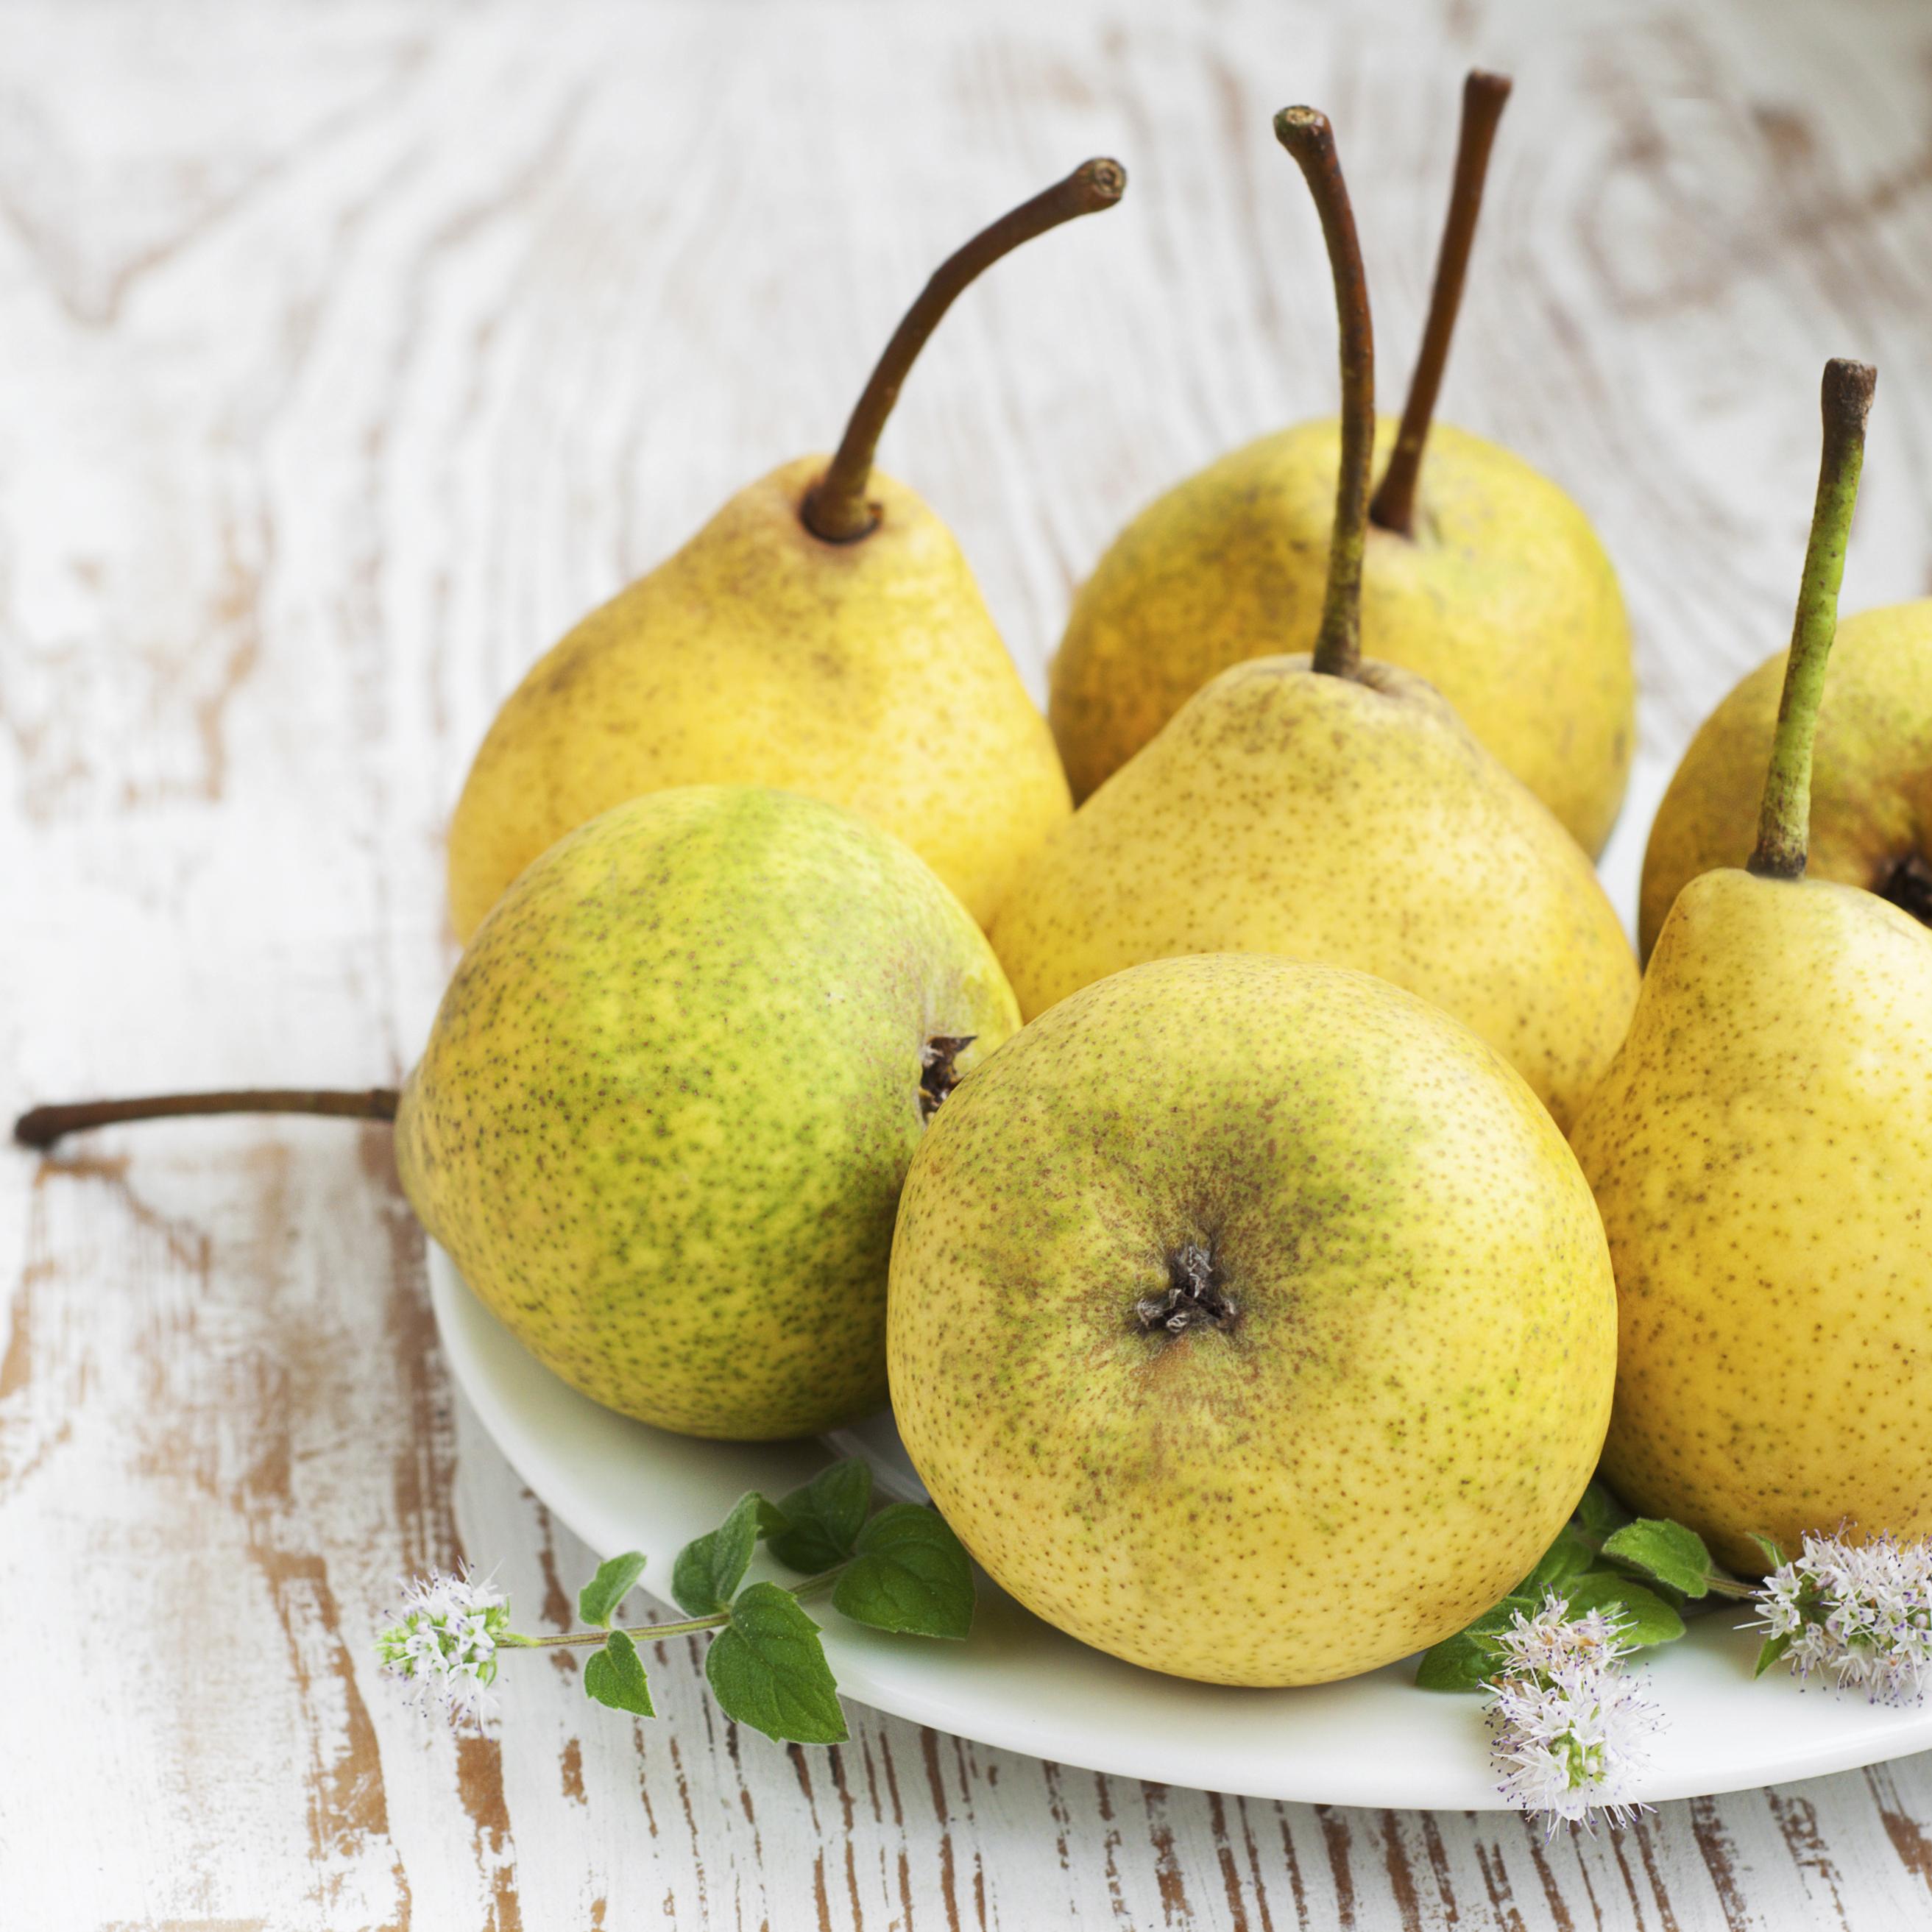 Les fruits jaunes ooreka - Peut on congeler des poires ...